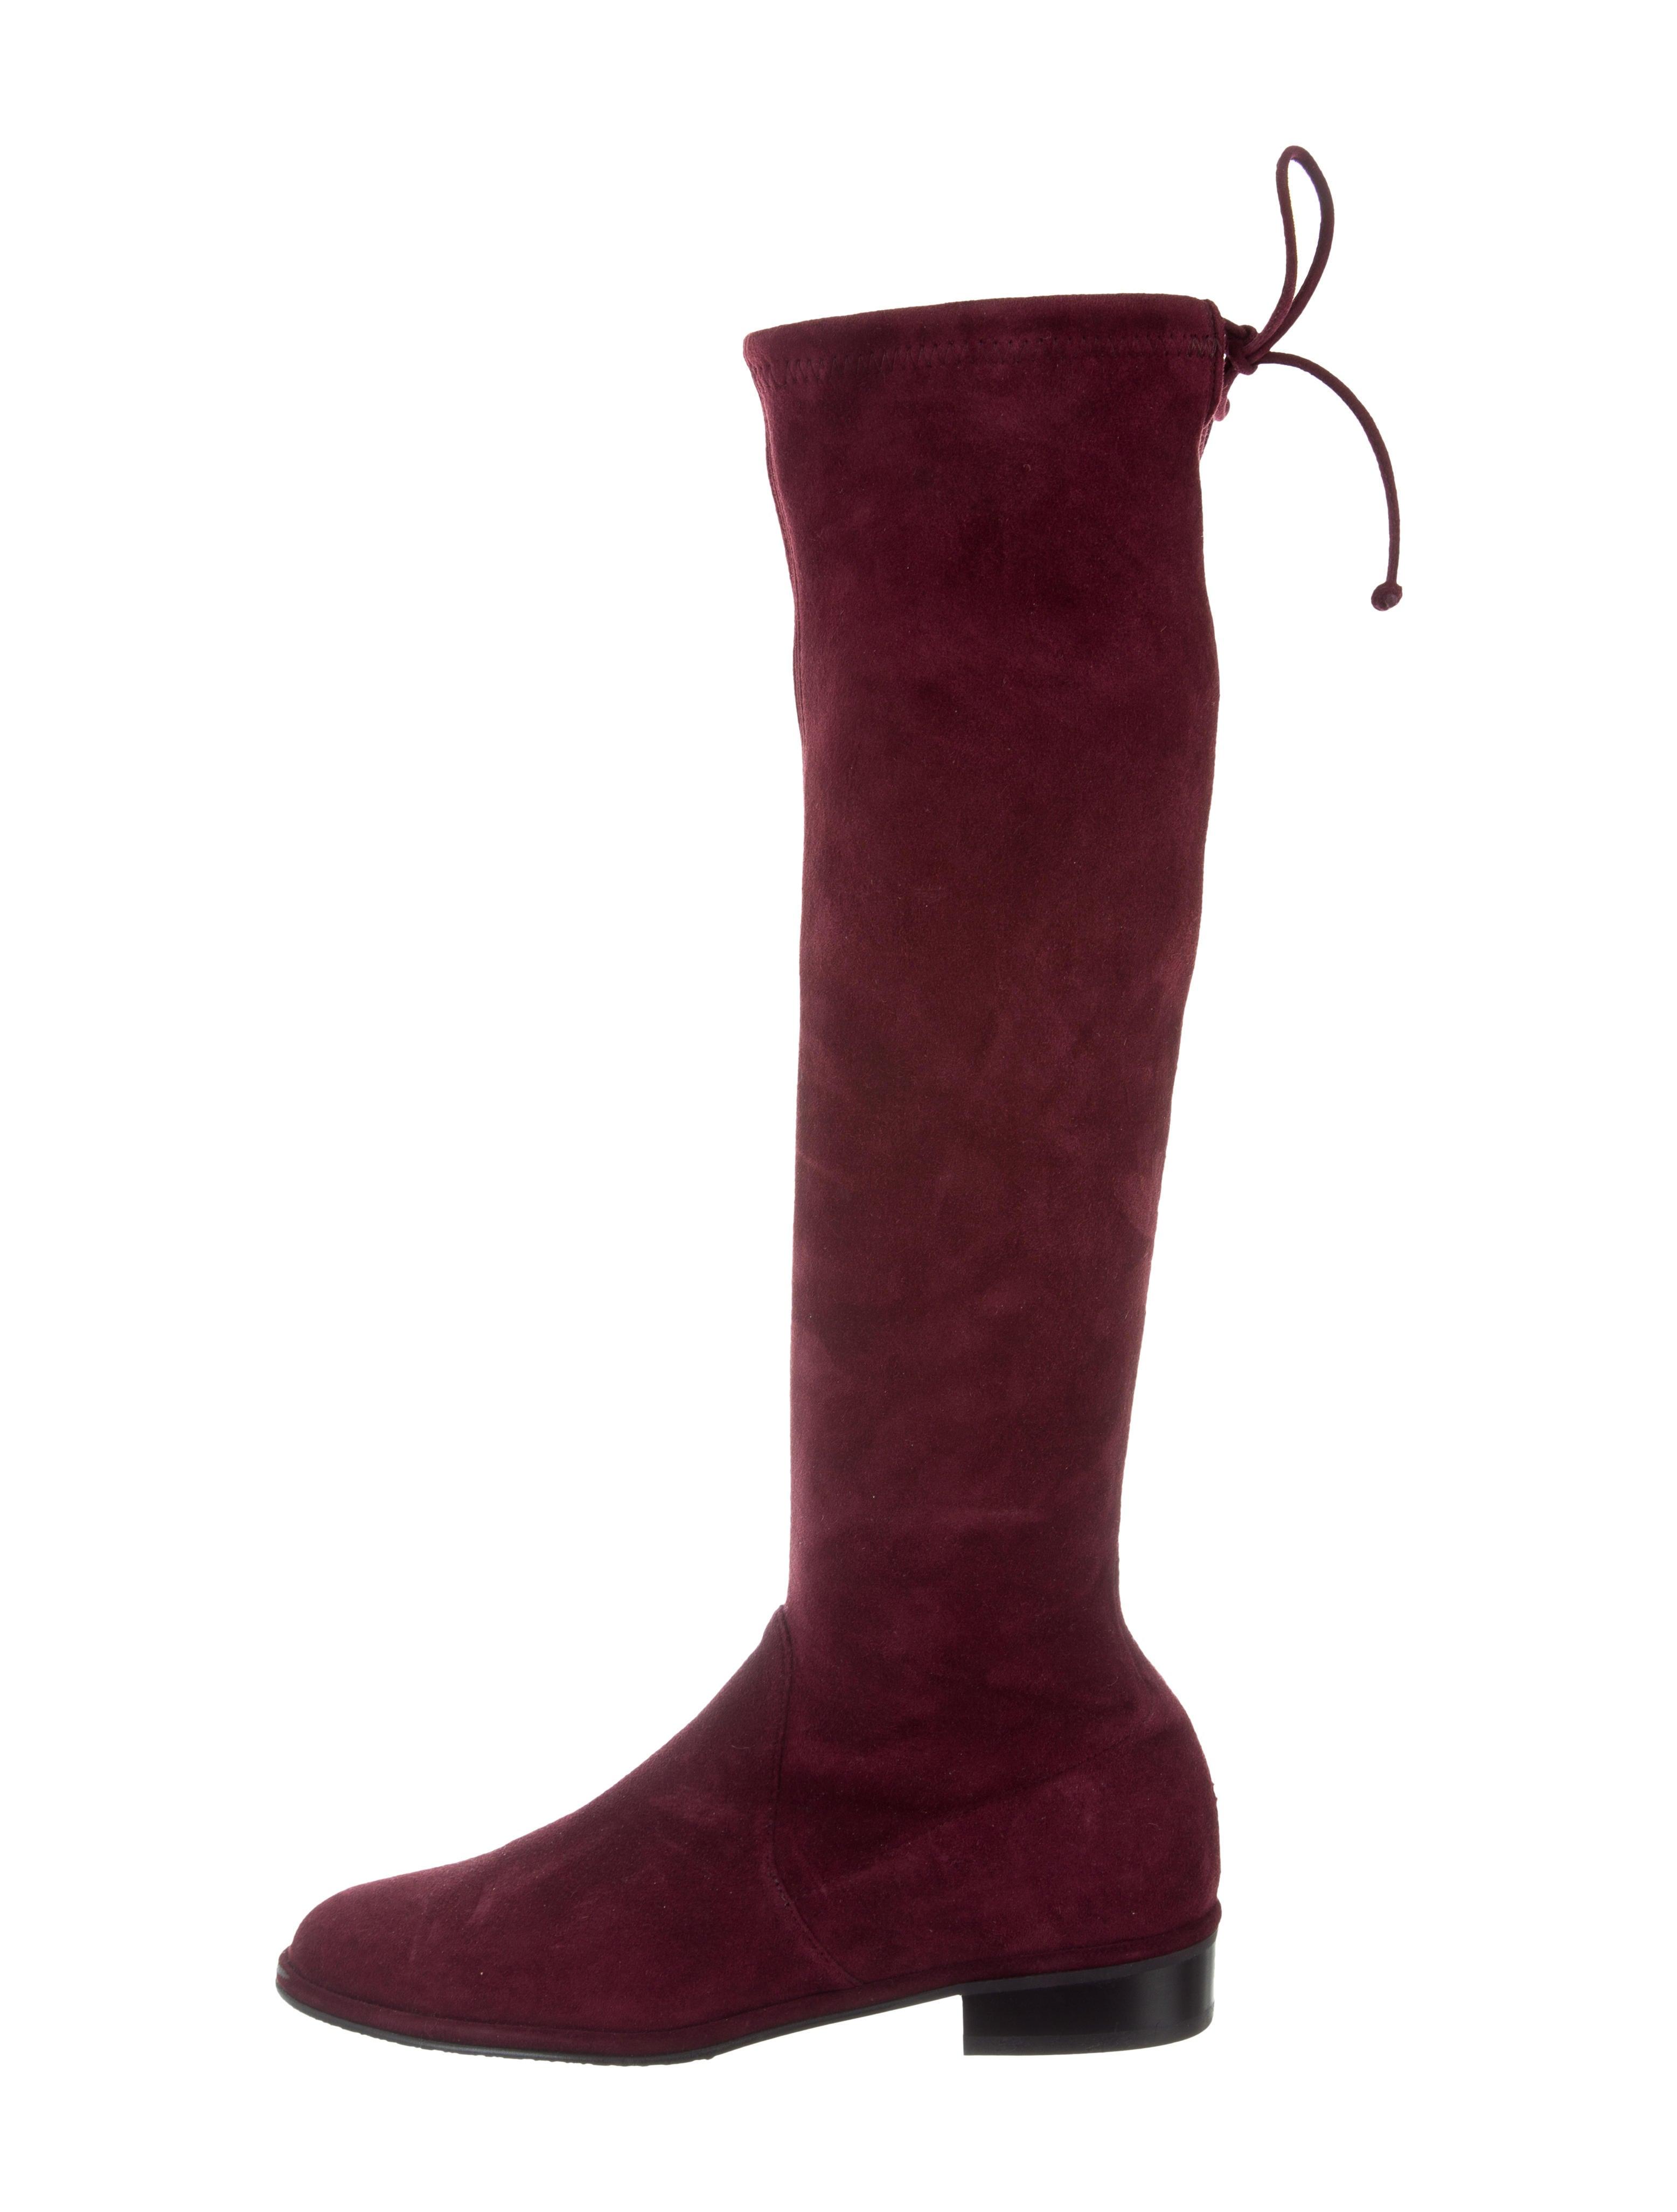 5e6bc3fe3fc Stuart Weitzman Kneezie Suede Boots - Shoes - WSU35176